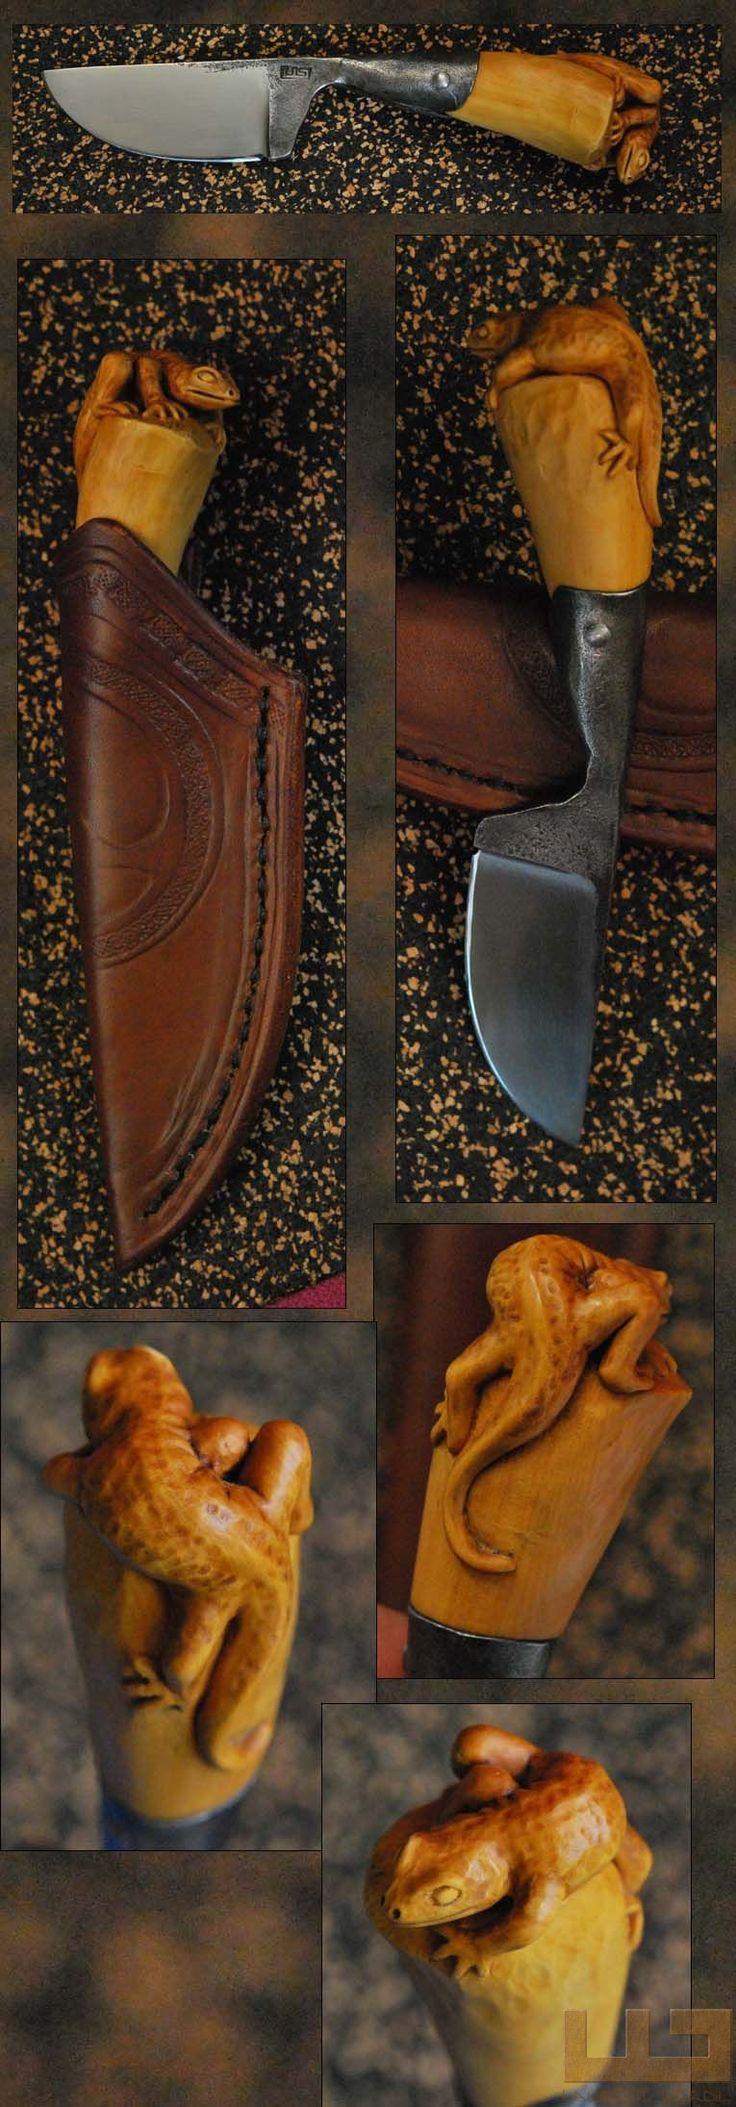 Gerdil Лоран - Скульптура - Человек Малый держатель ножа. Клинок и разъем кованые 100Cr6. Самшит ручка. Общая длина 15 см. Дело шеи растительное кожа.